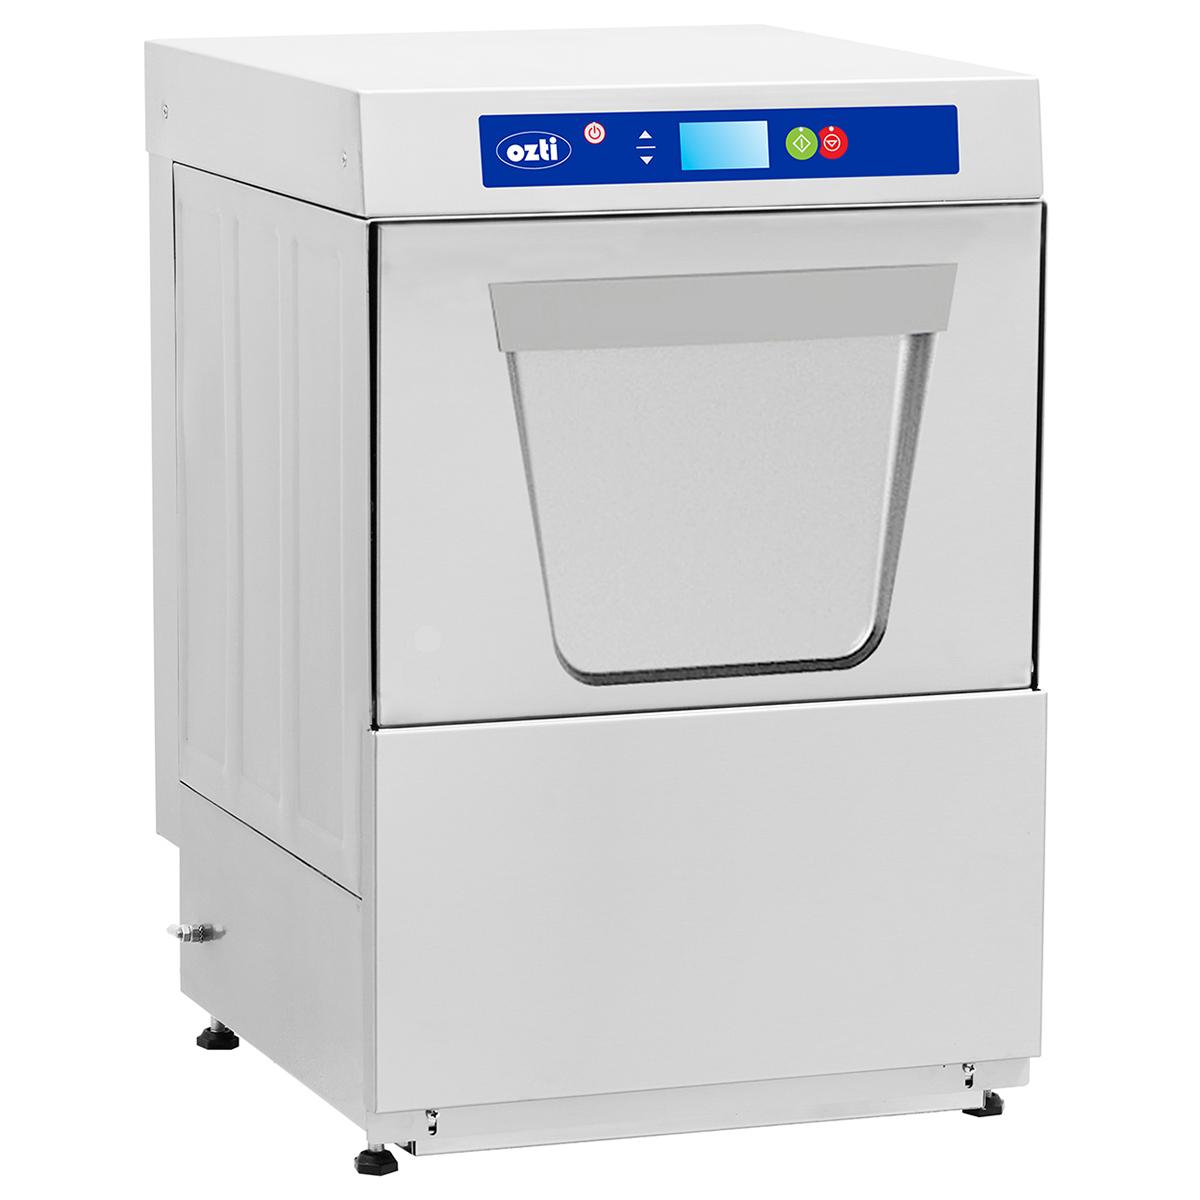 Dijital Bardak Yıkama Makinesi (35 x 35)